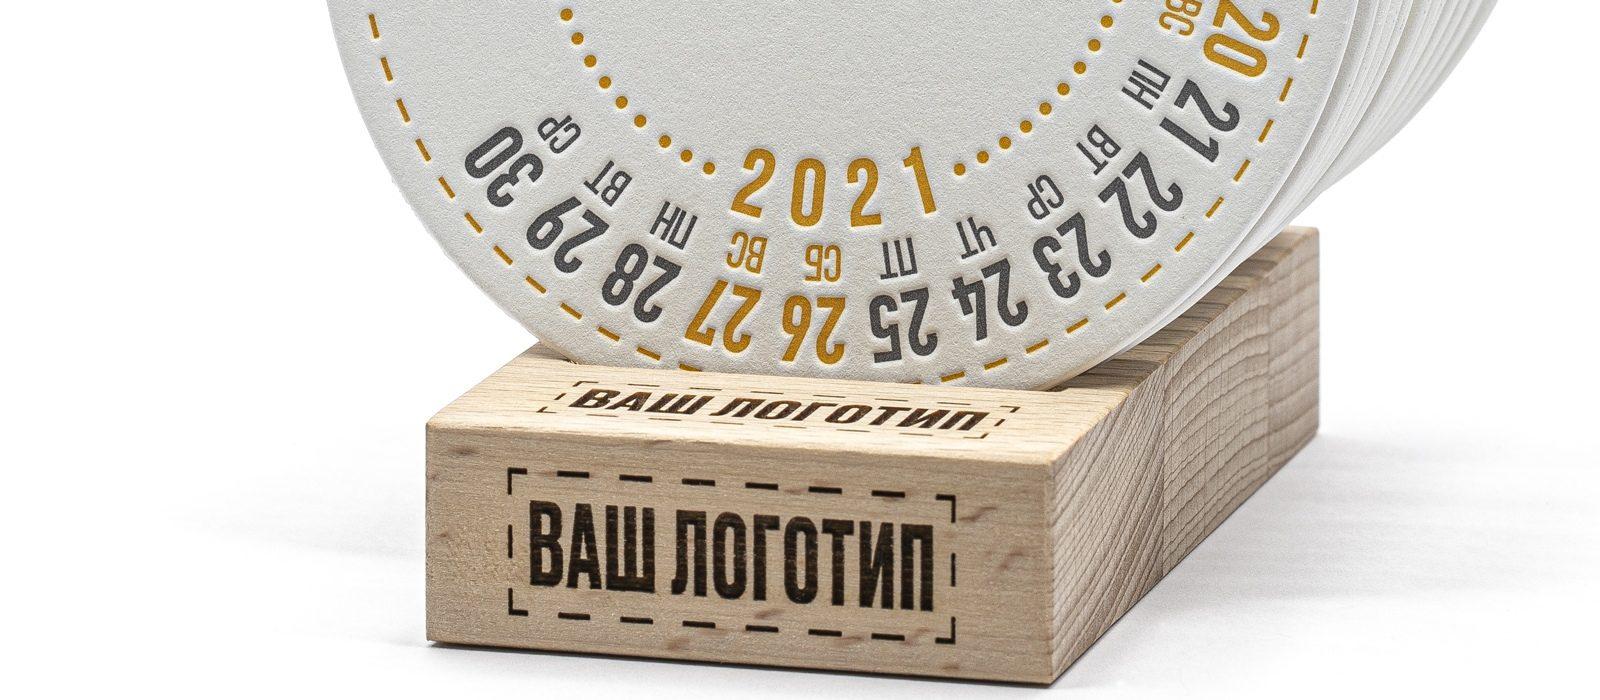 Круглый календарь на подставке высокая печать